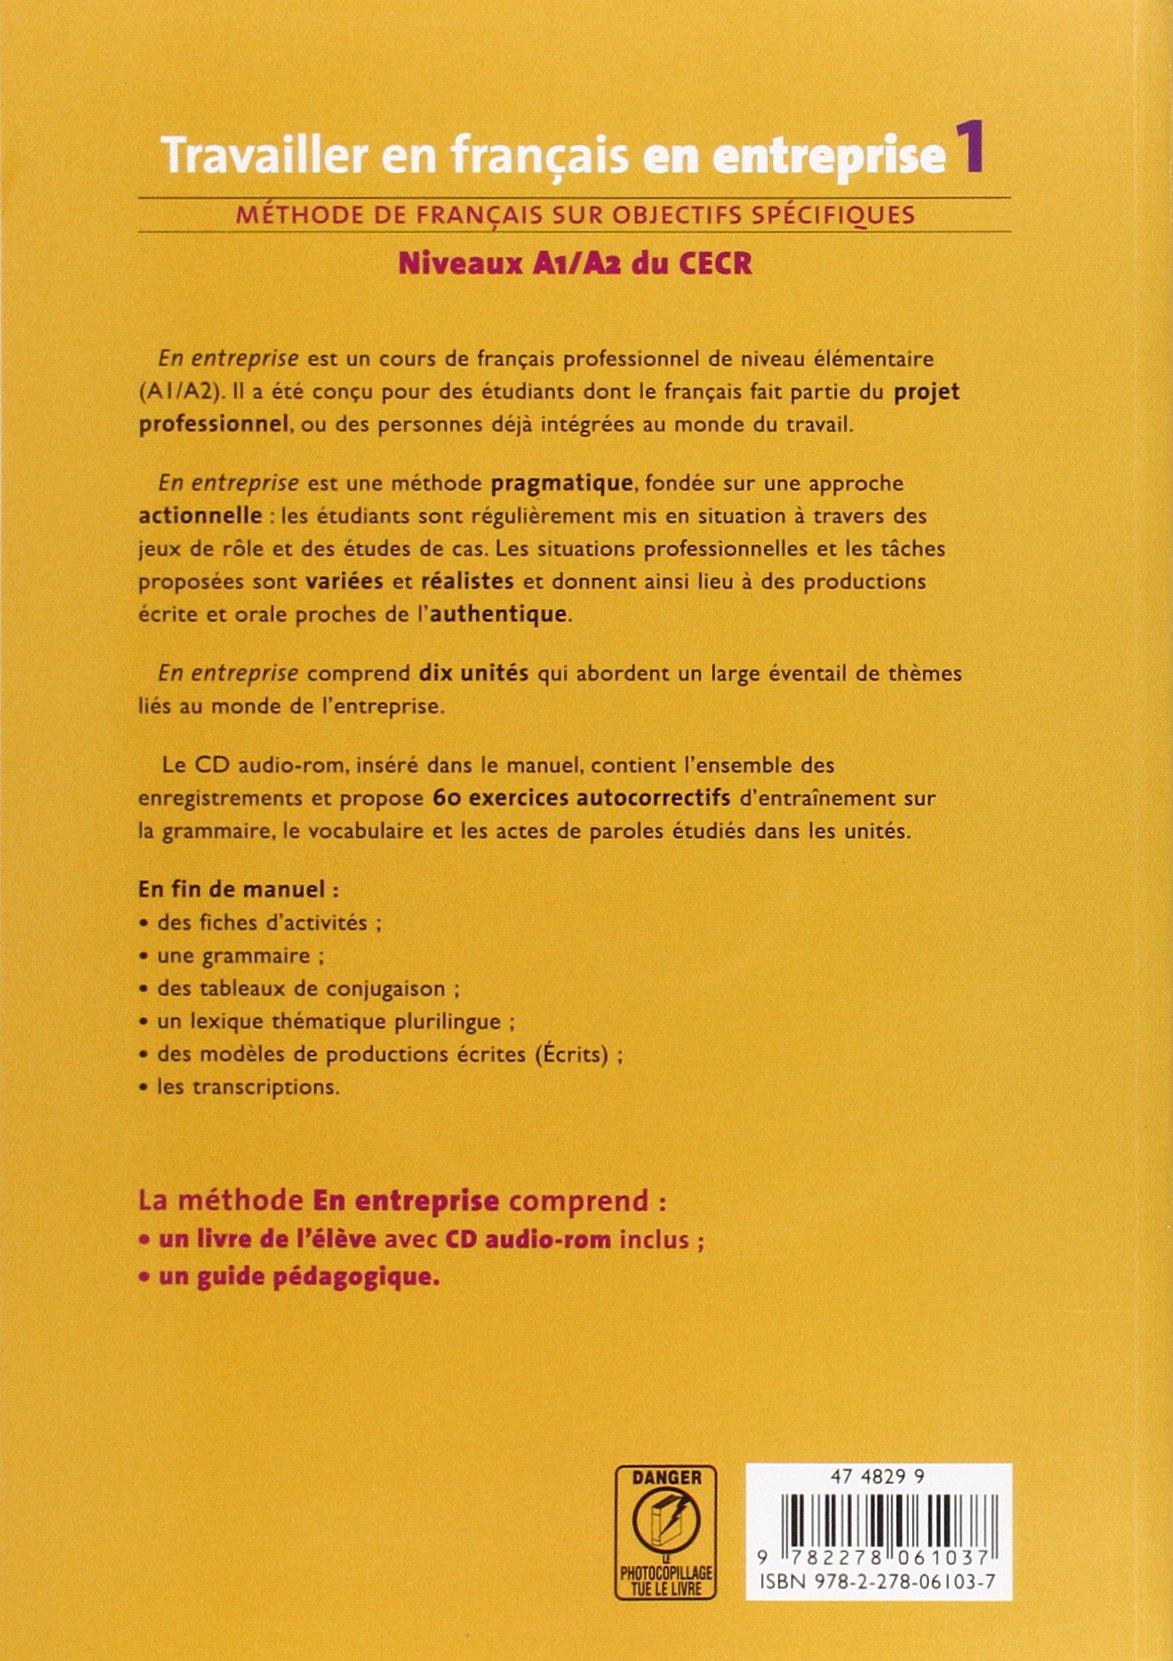 Travailler En Francais En Entreprise Livre De L Eleve 1 Cd Audio Rom French Edition Travailler En Français Bernard Gillmann 9782278061037 Books